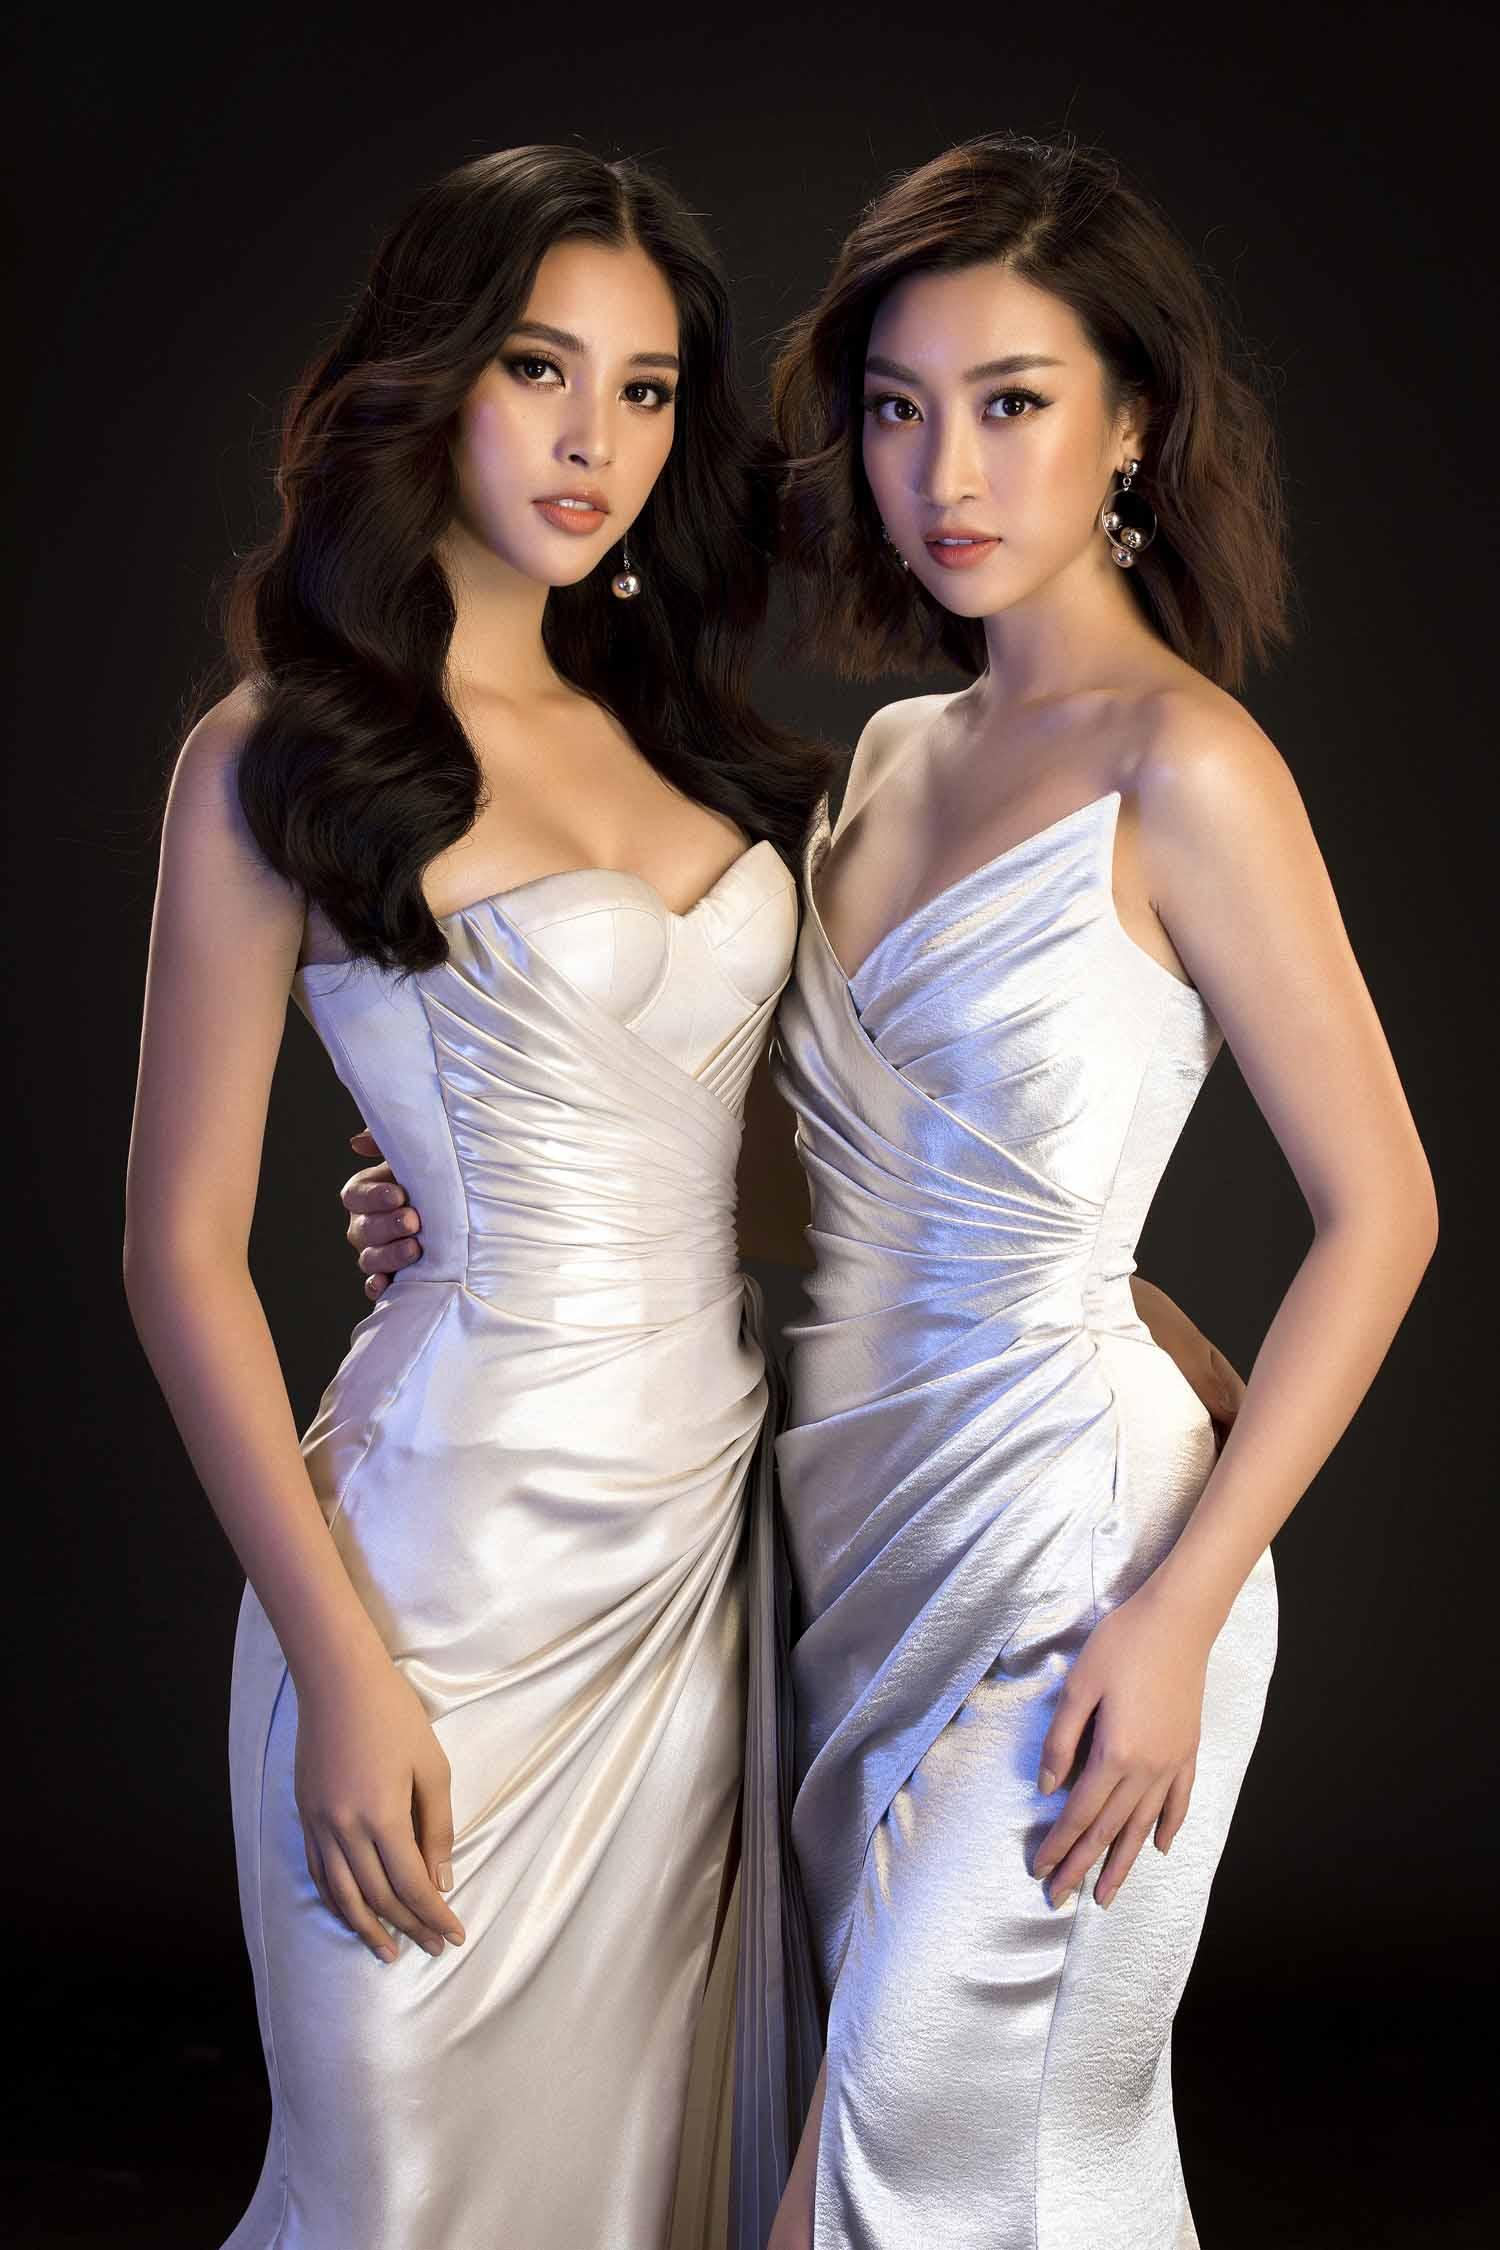 Hết nhiệm kỳ, 2 Hoa hậu nổi tiếng ngoan hiền nhất Vbiz đều amp;#34;xả vaiamp;#34;, mê váy áo hở bạo - 1